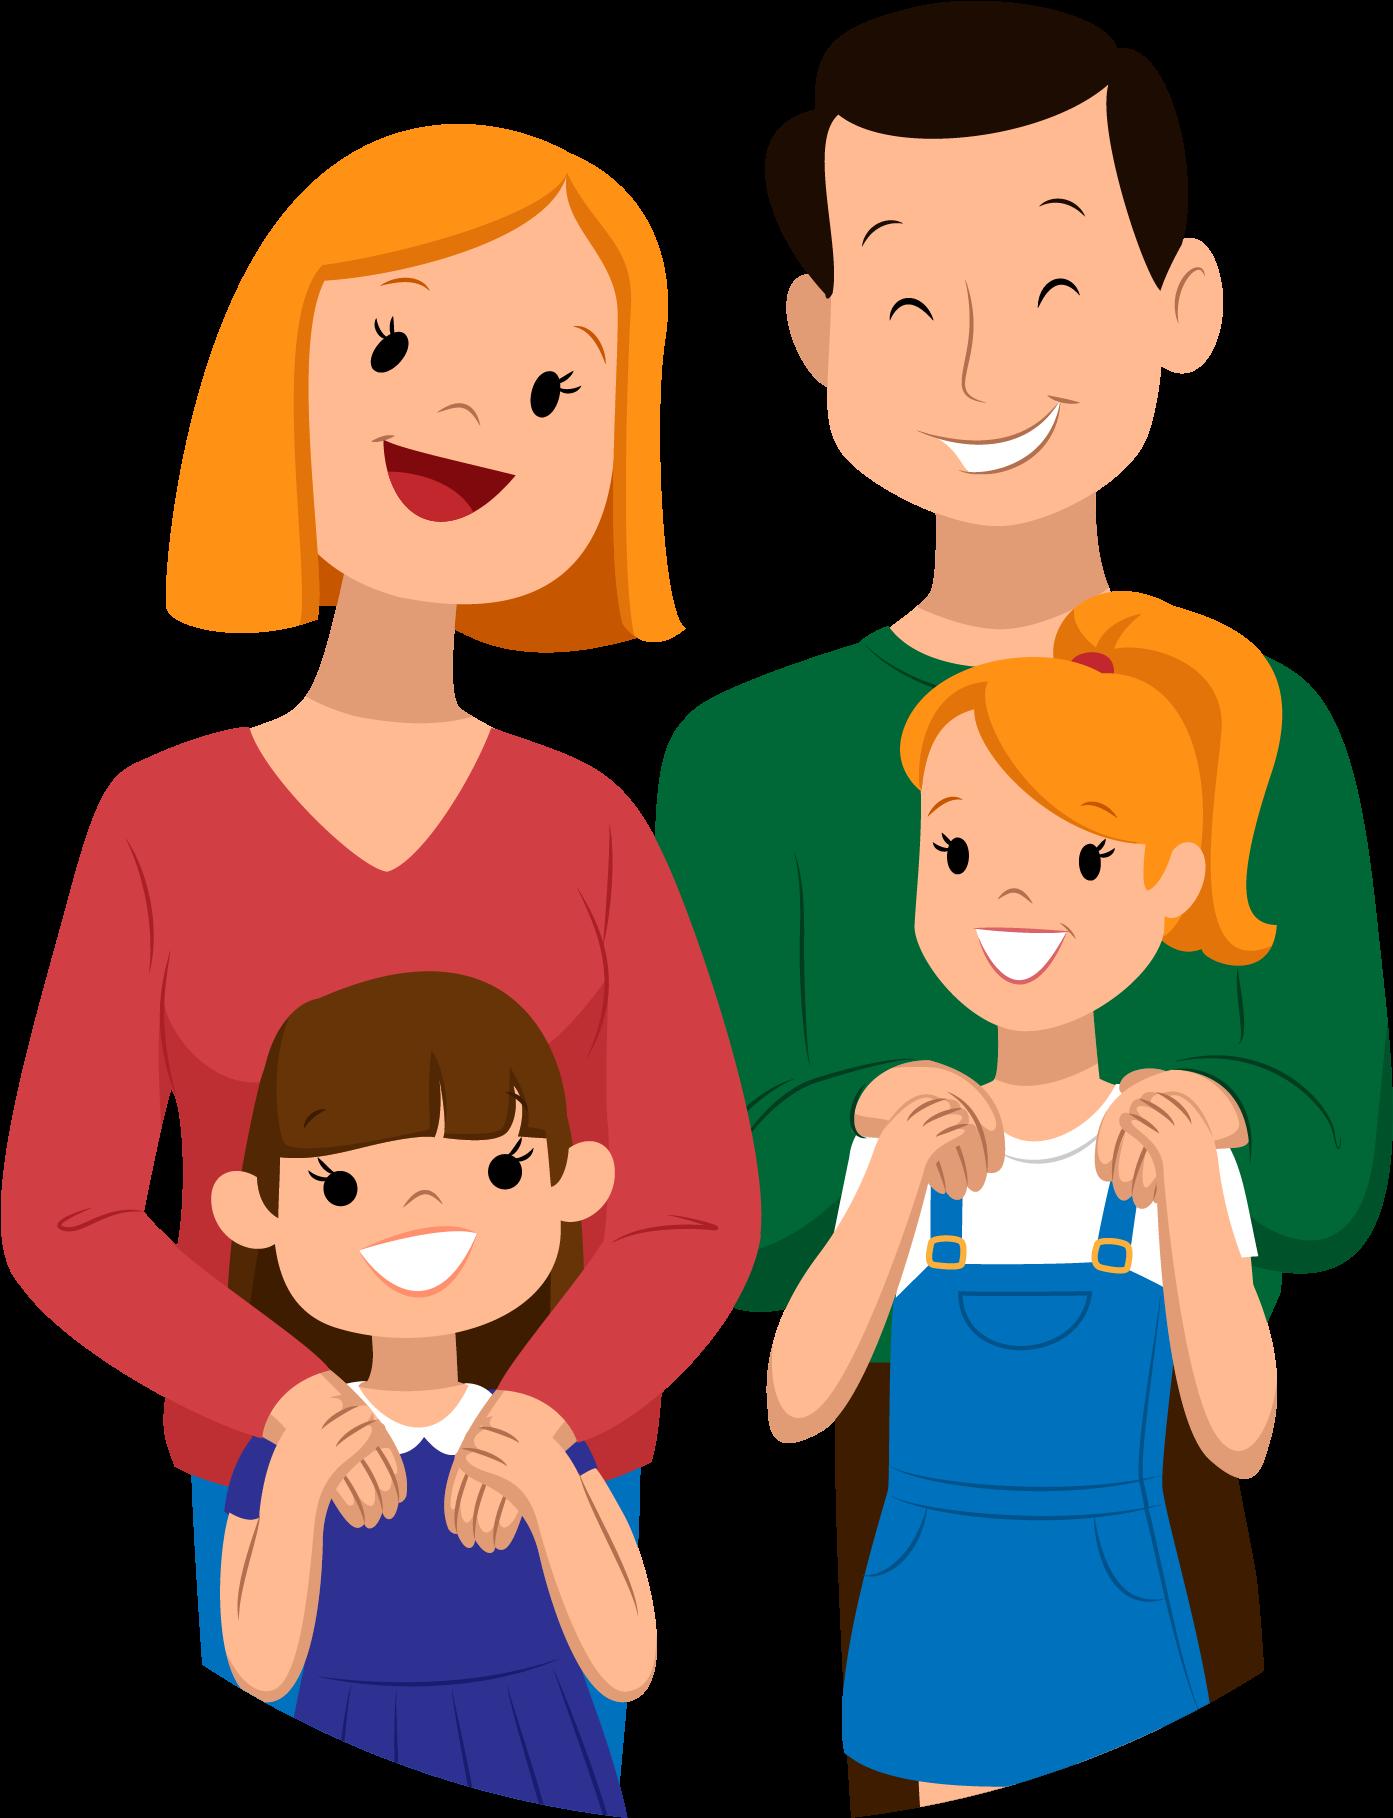 Родители с детьми картинки рисованные, медали девочкам